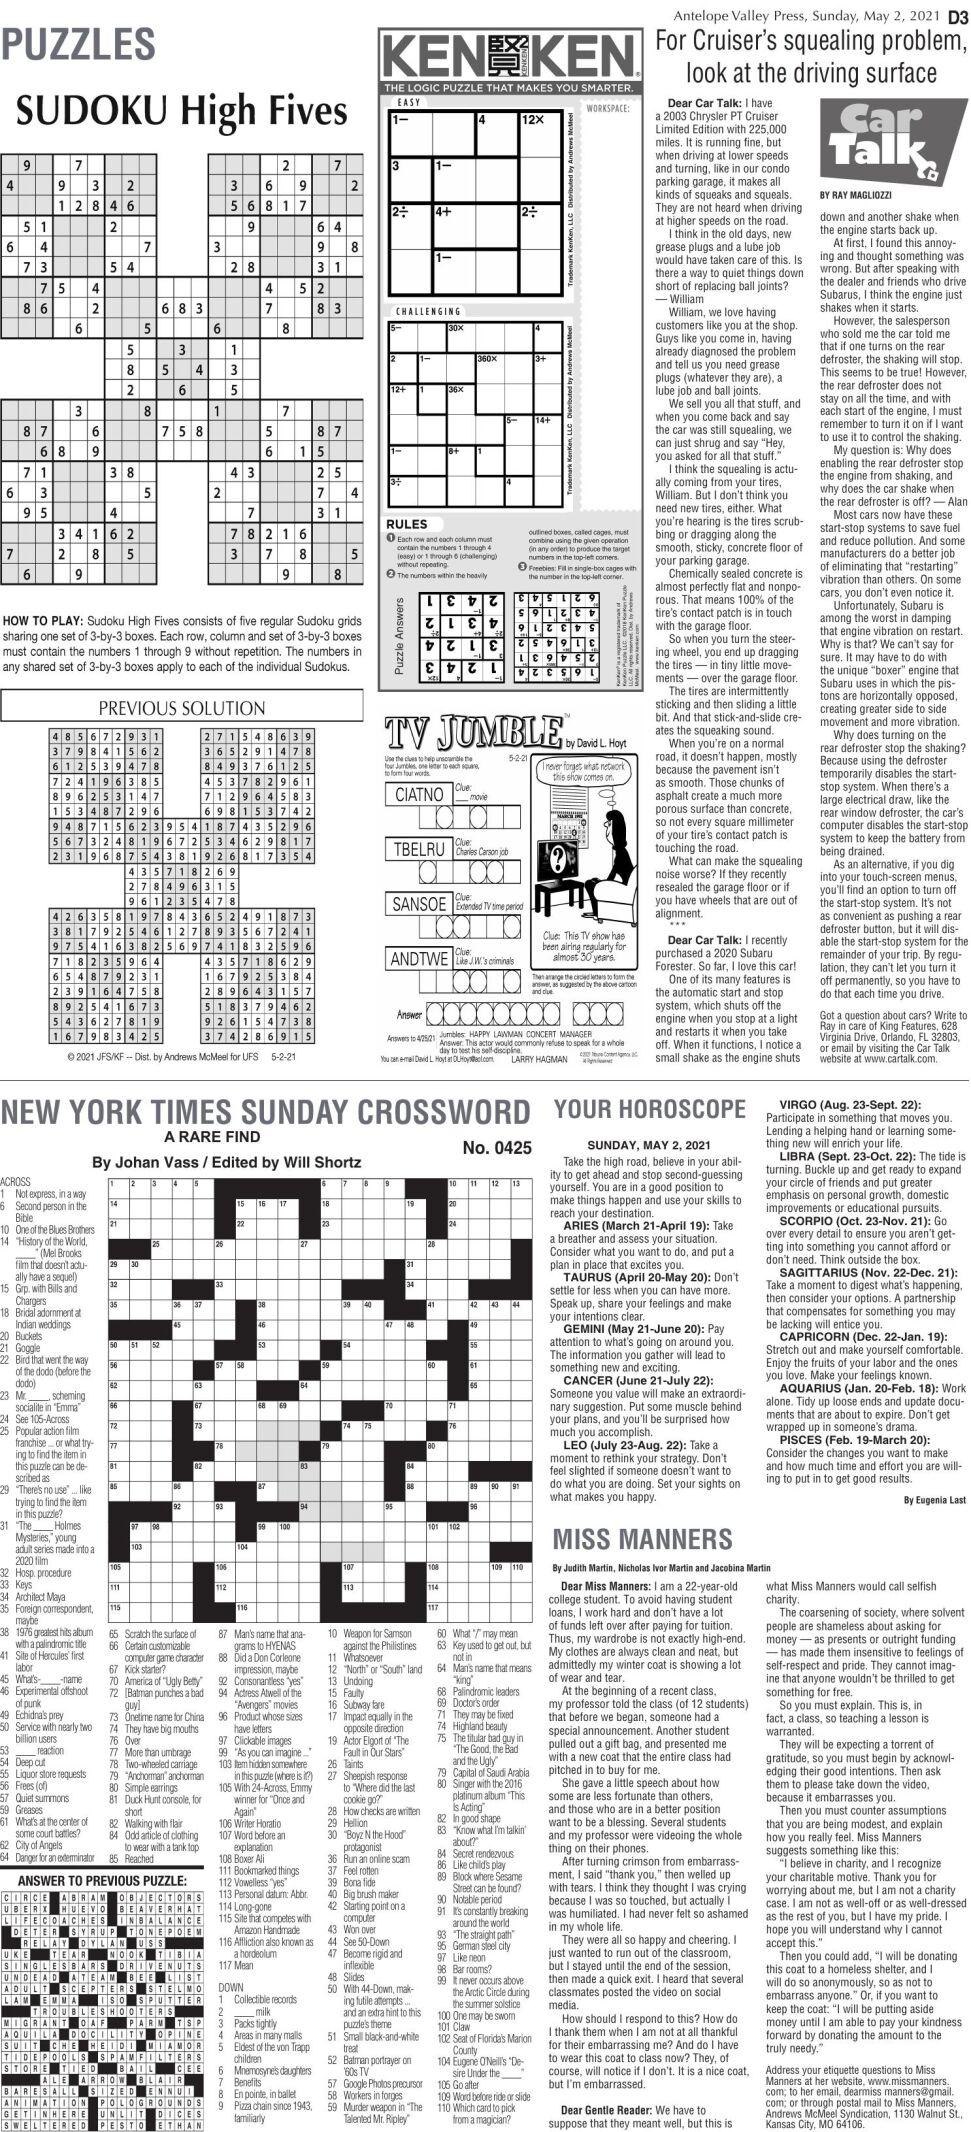 Puzzles, May 2, 2021